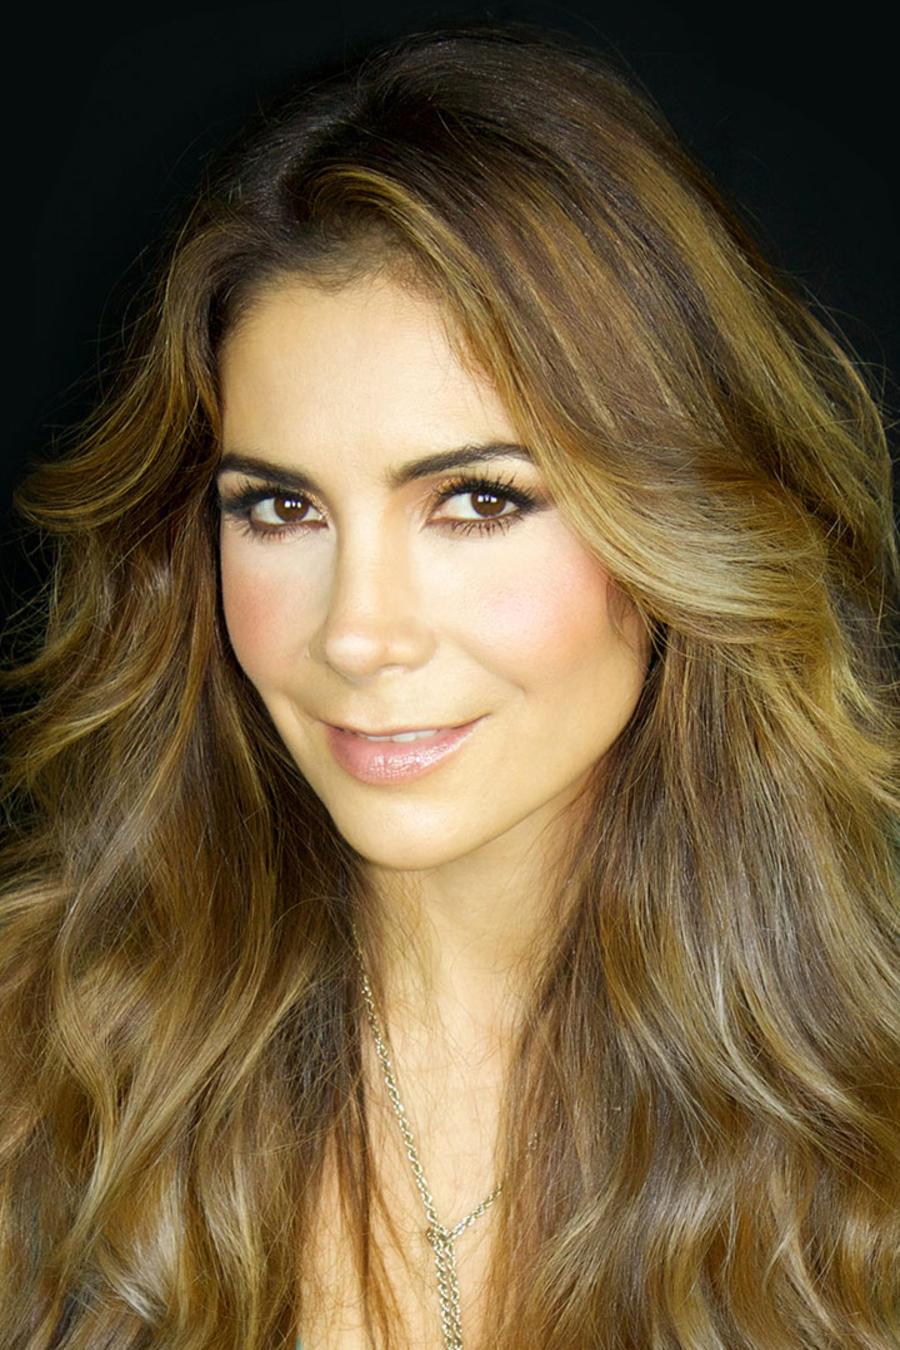 Patricia Manterola en su foto oficial